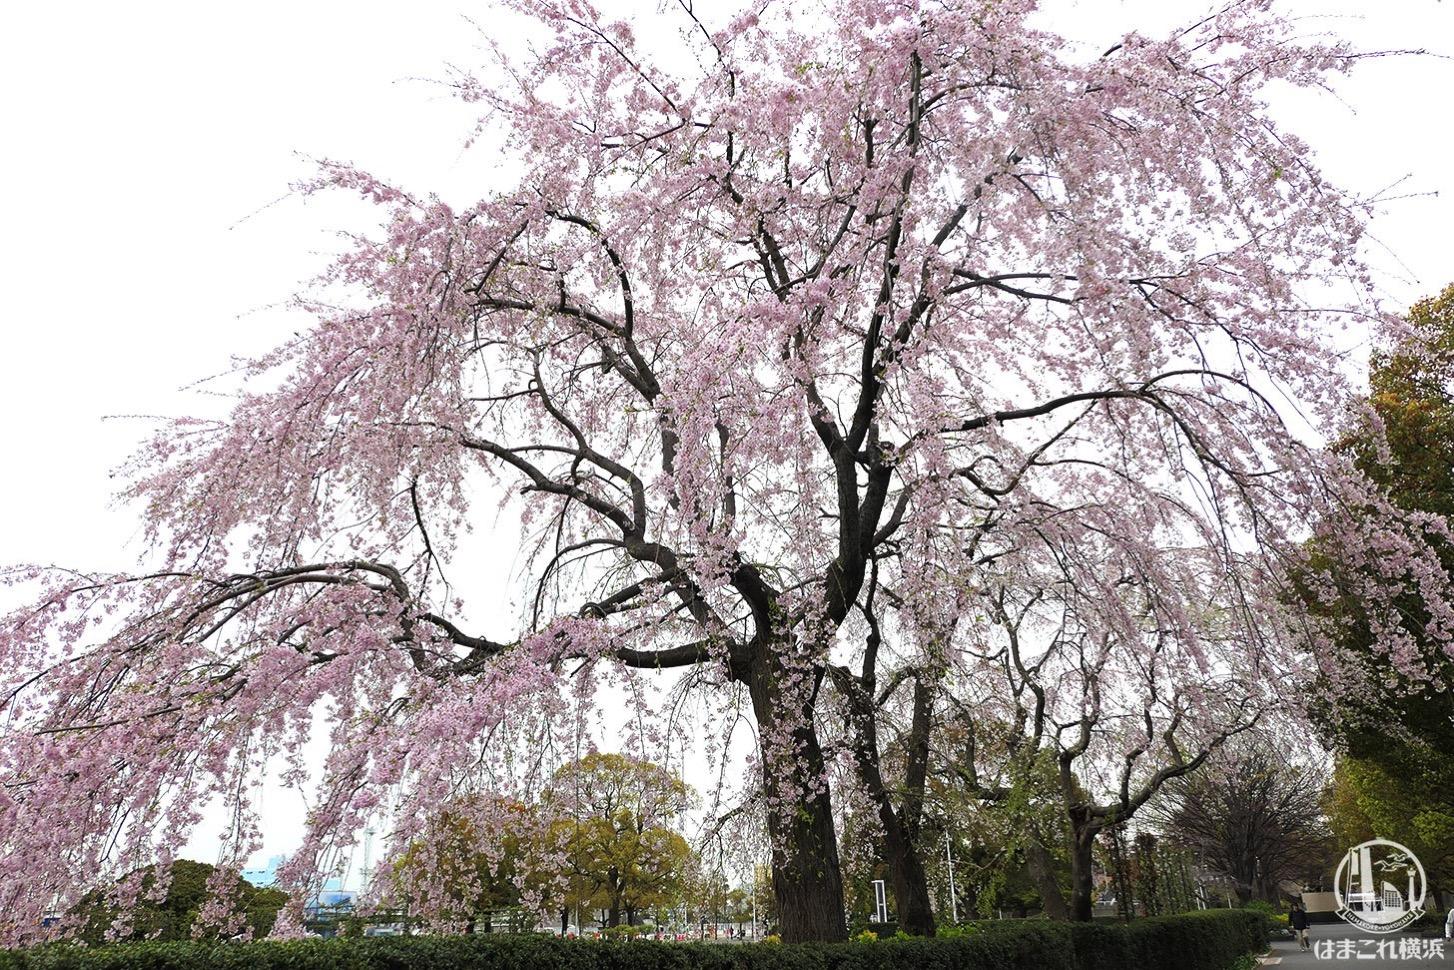 山下公園の「しだれ桜」が満開に!見上げて広がる桜の世界が美しい